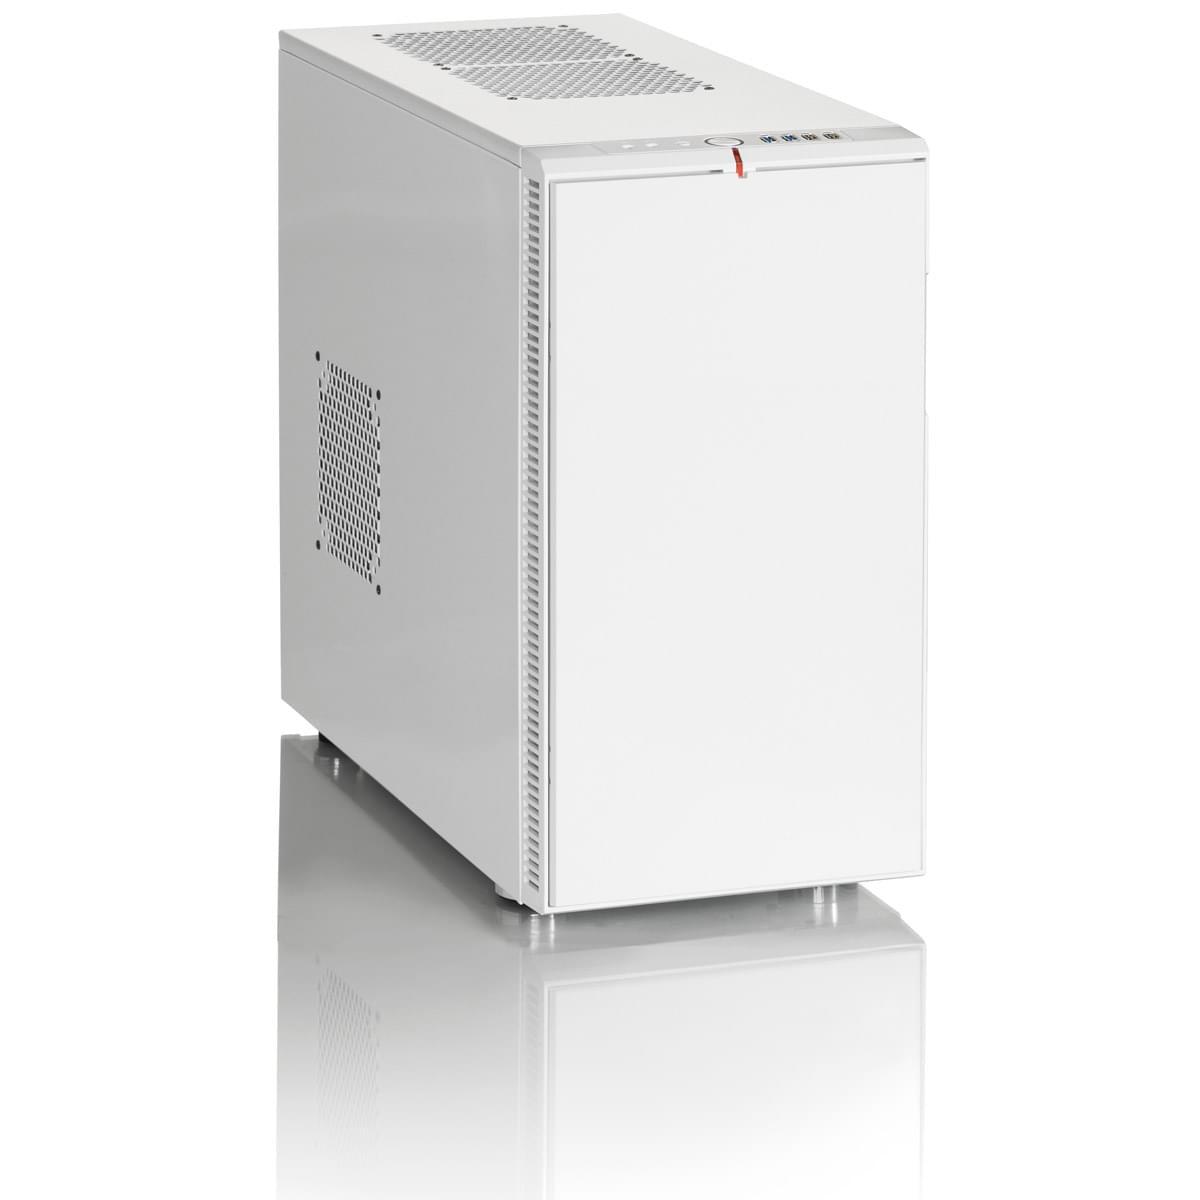 Fractal Design Define R4 Artic White (FD-CA-DEF-R4-WH) - Achat / Vente Boîtier PC sur Cybertek.fr - 0